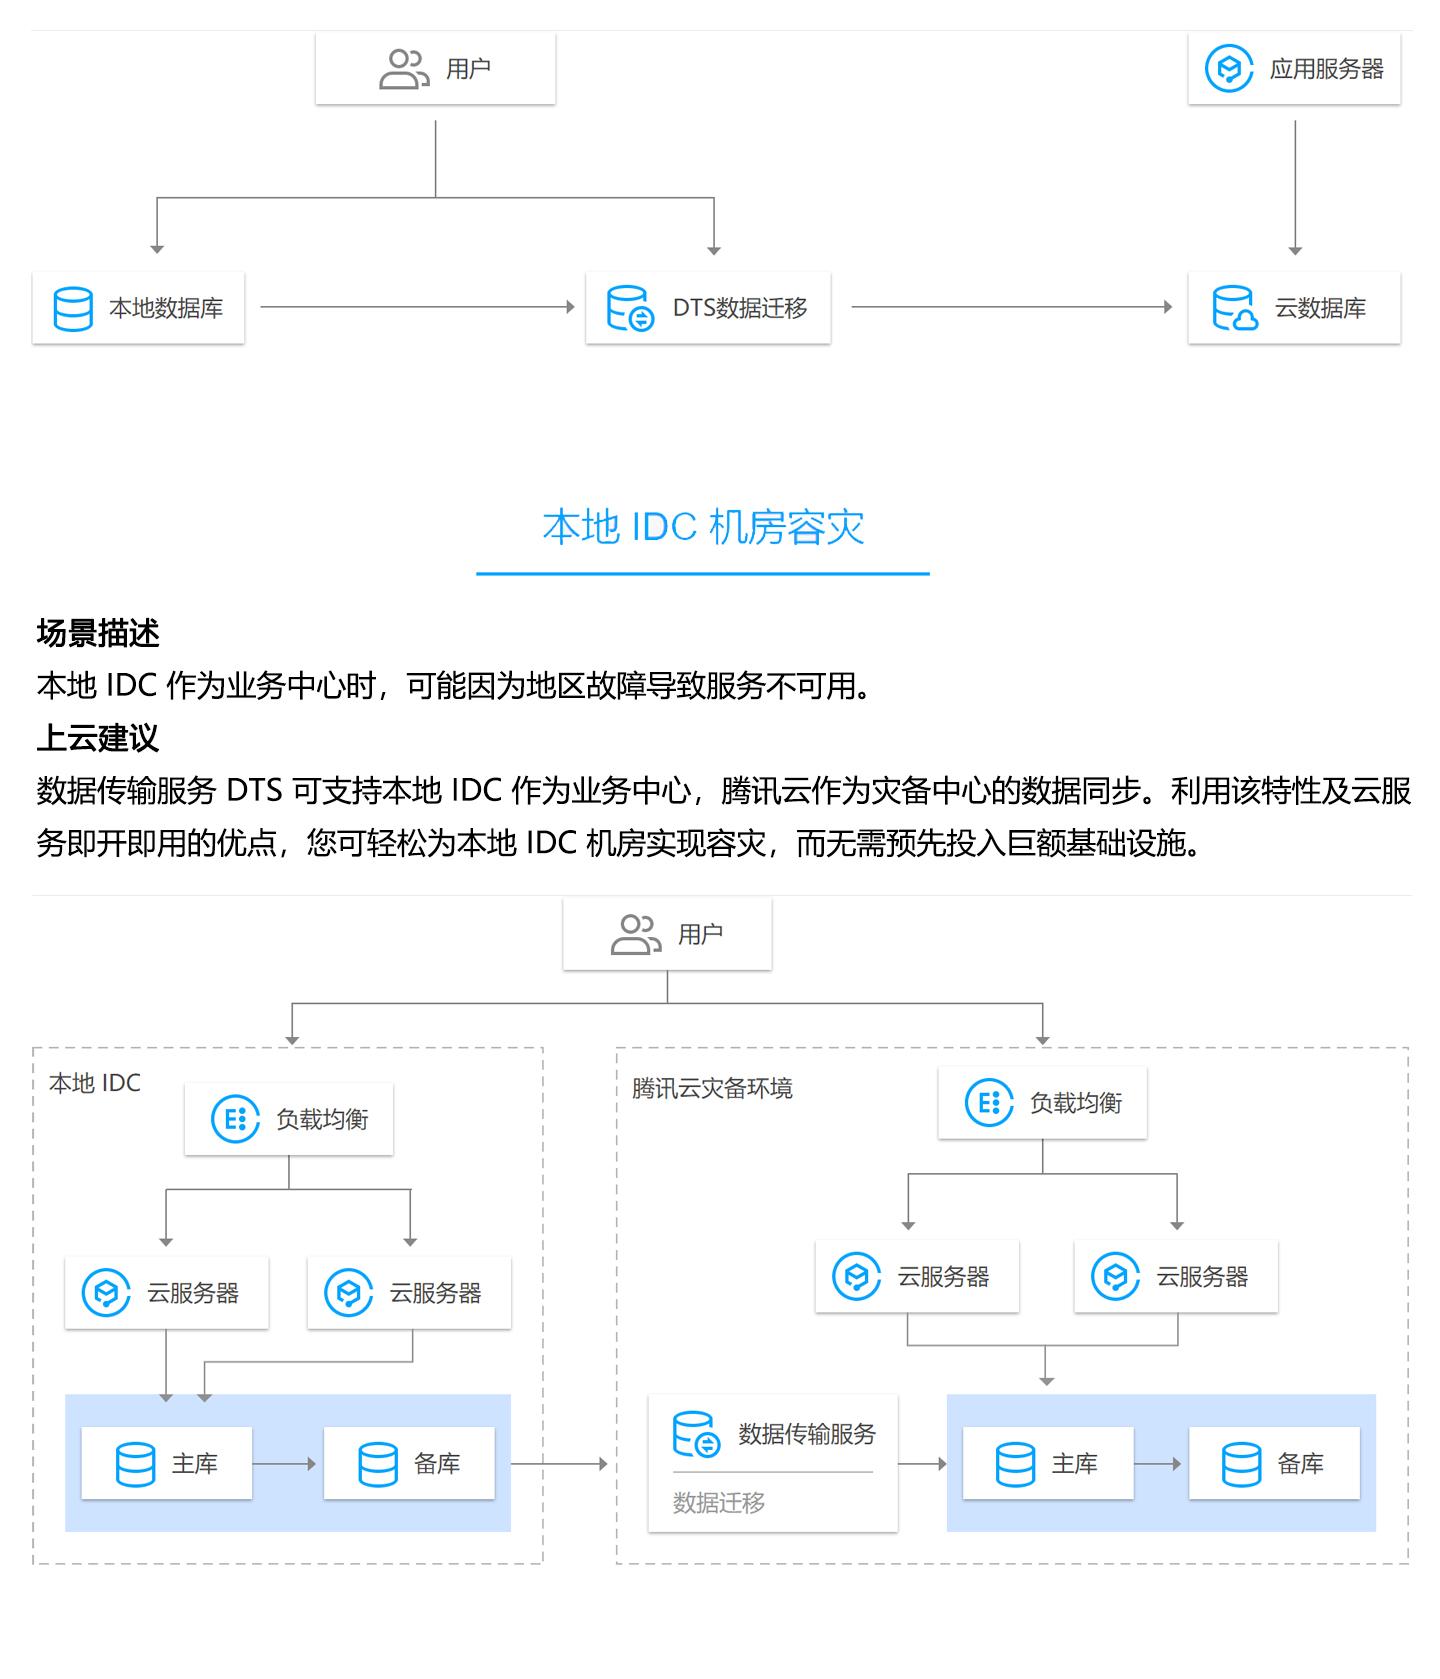 数据传输服务-DTS-1440_04.jpg